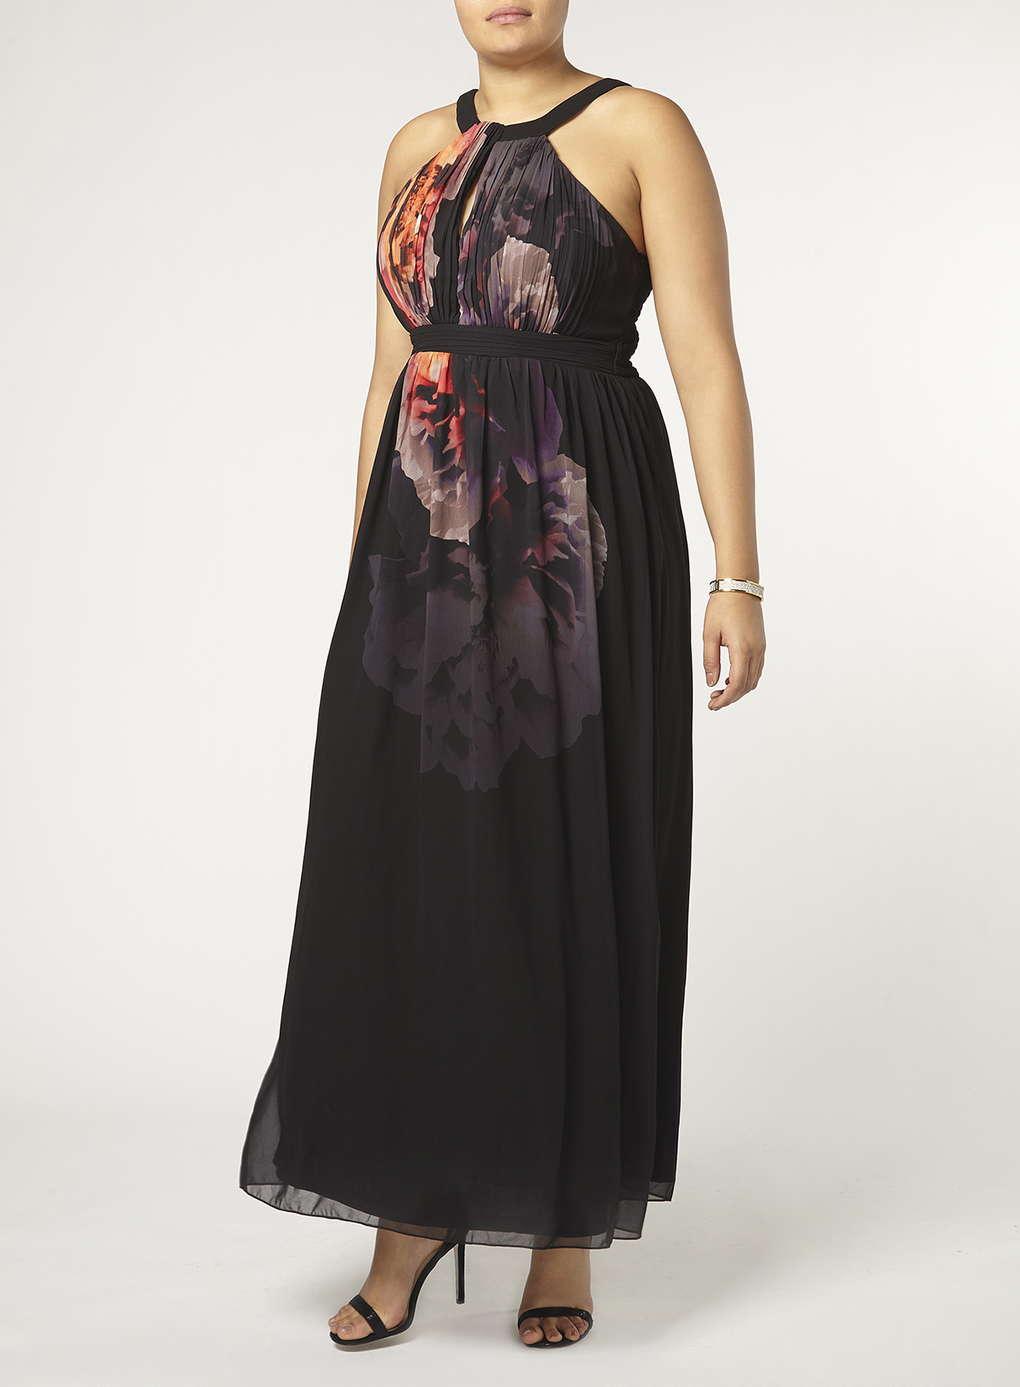 Büyük Beden Uzun Abiye Elbise Modelleri - Gece Elbiseleri - plus size dresses (31)